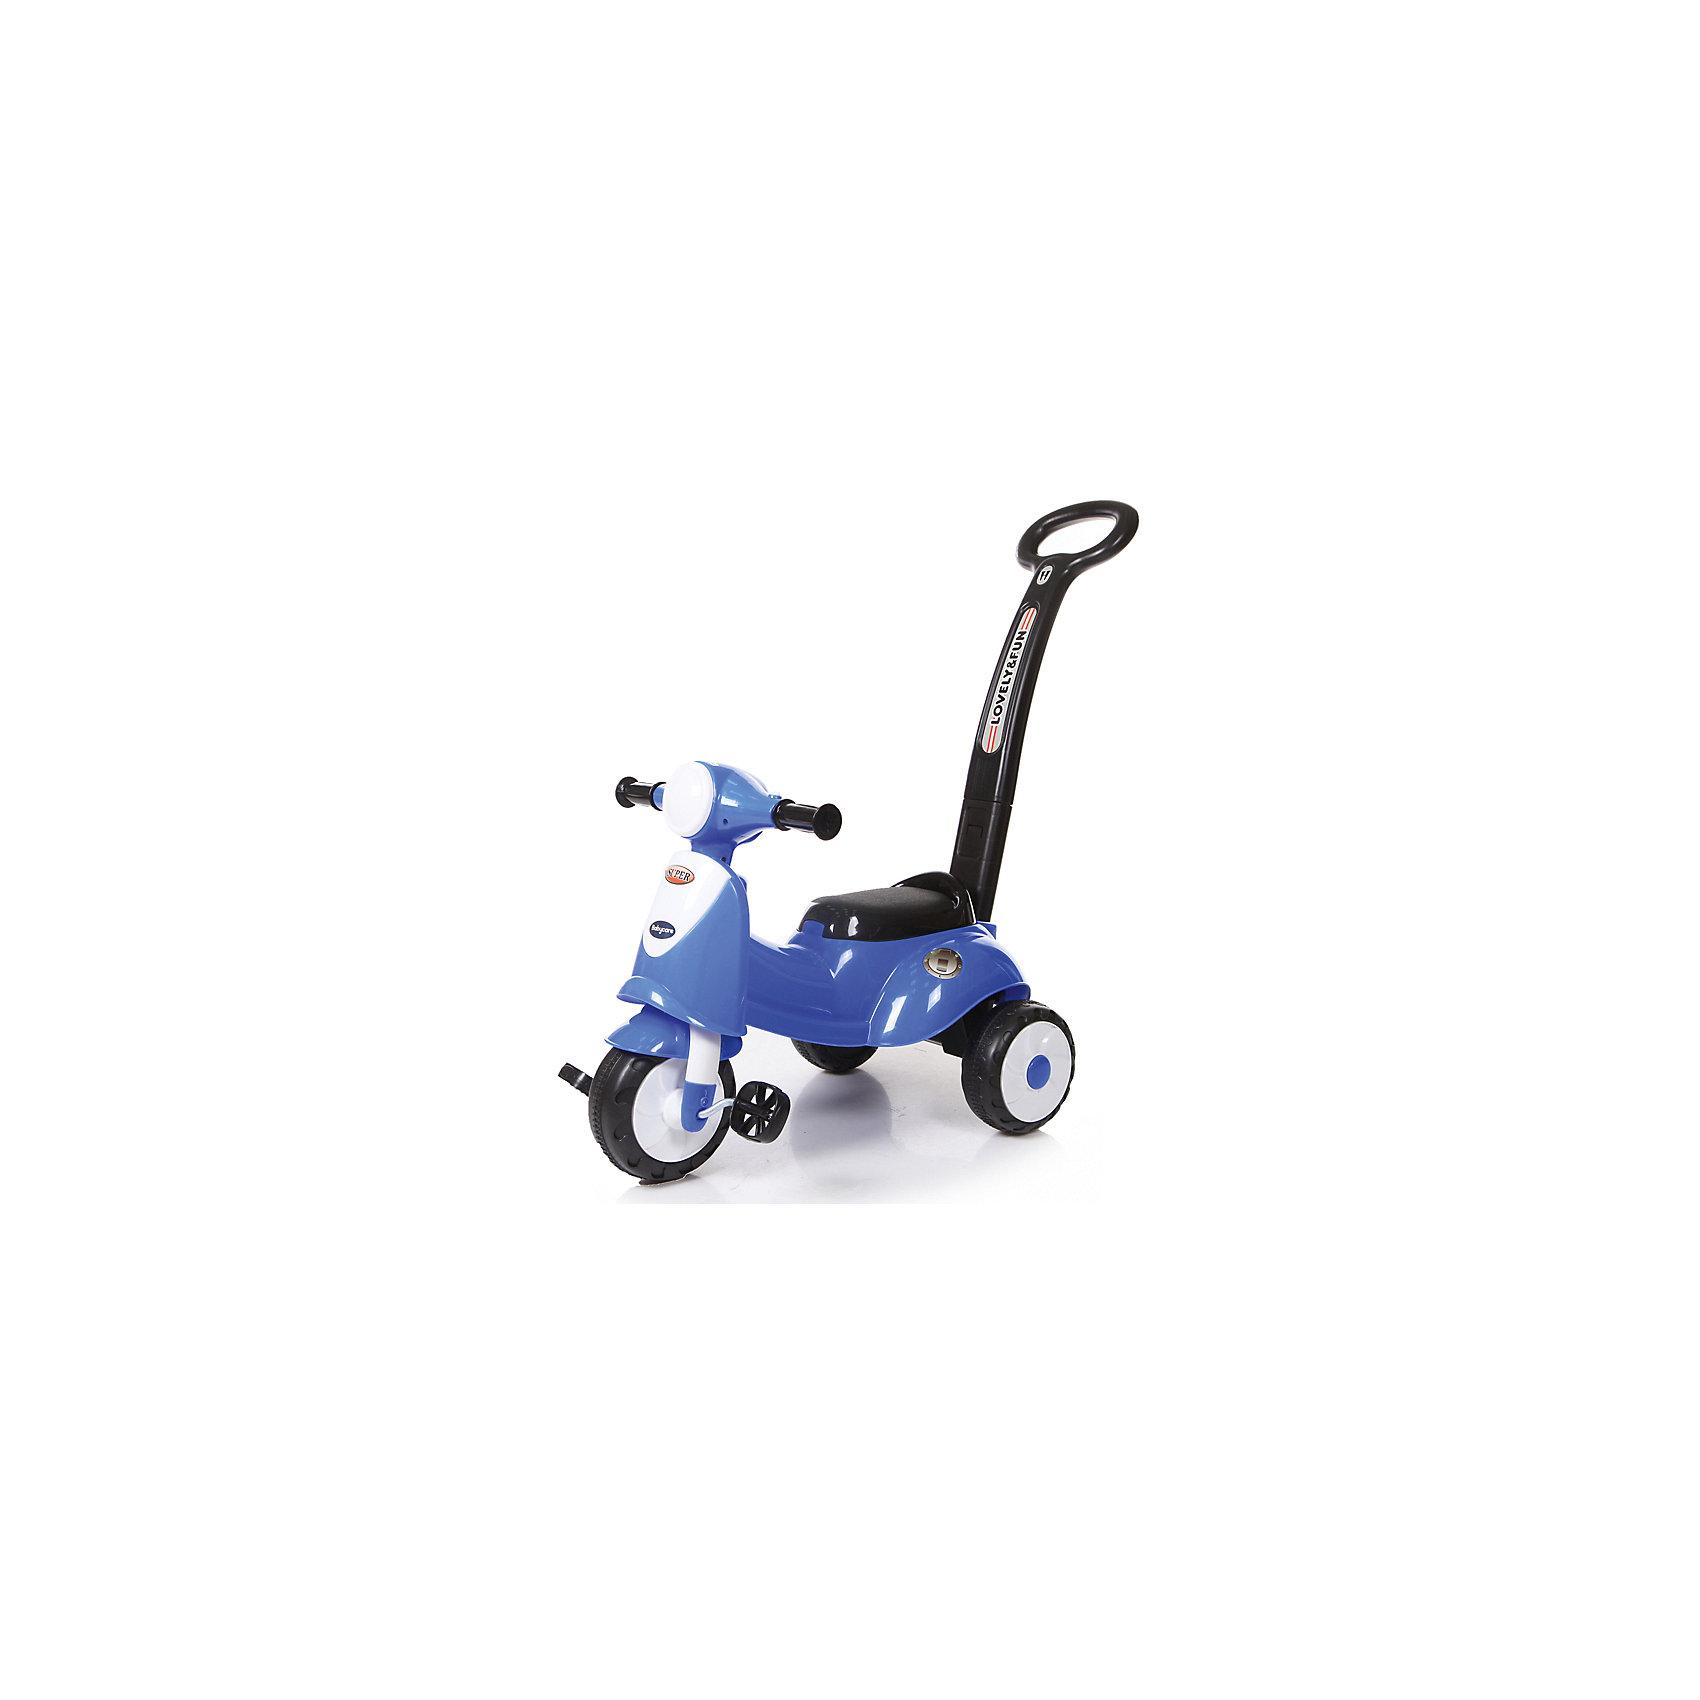 Каталка детская Smart Trike, синяя, Baby CareИгрушки для малышей<br><br><br>Ширина мм: 620<br>Глубина мм: 320<br>Высота мм: 260<br>Вес г: 3400<br>Возраст от месяцев: 12<br>Возраст до месяцев: 36<br>Пол: Унисекс<br>Возраст: Детский<br>SKU: 5558853